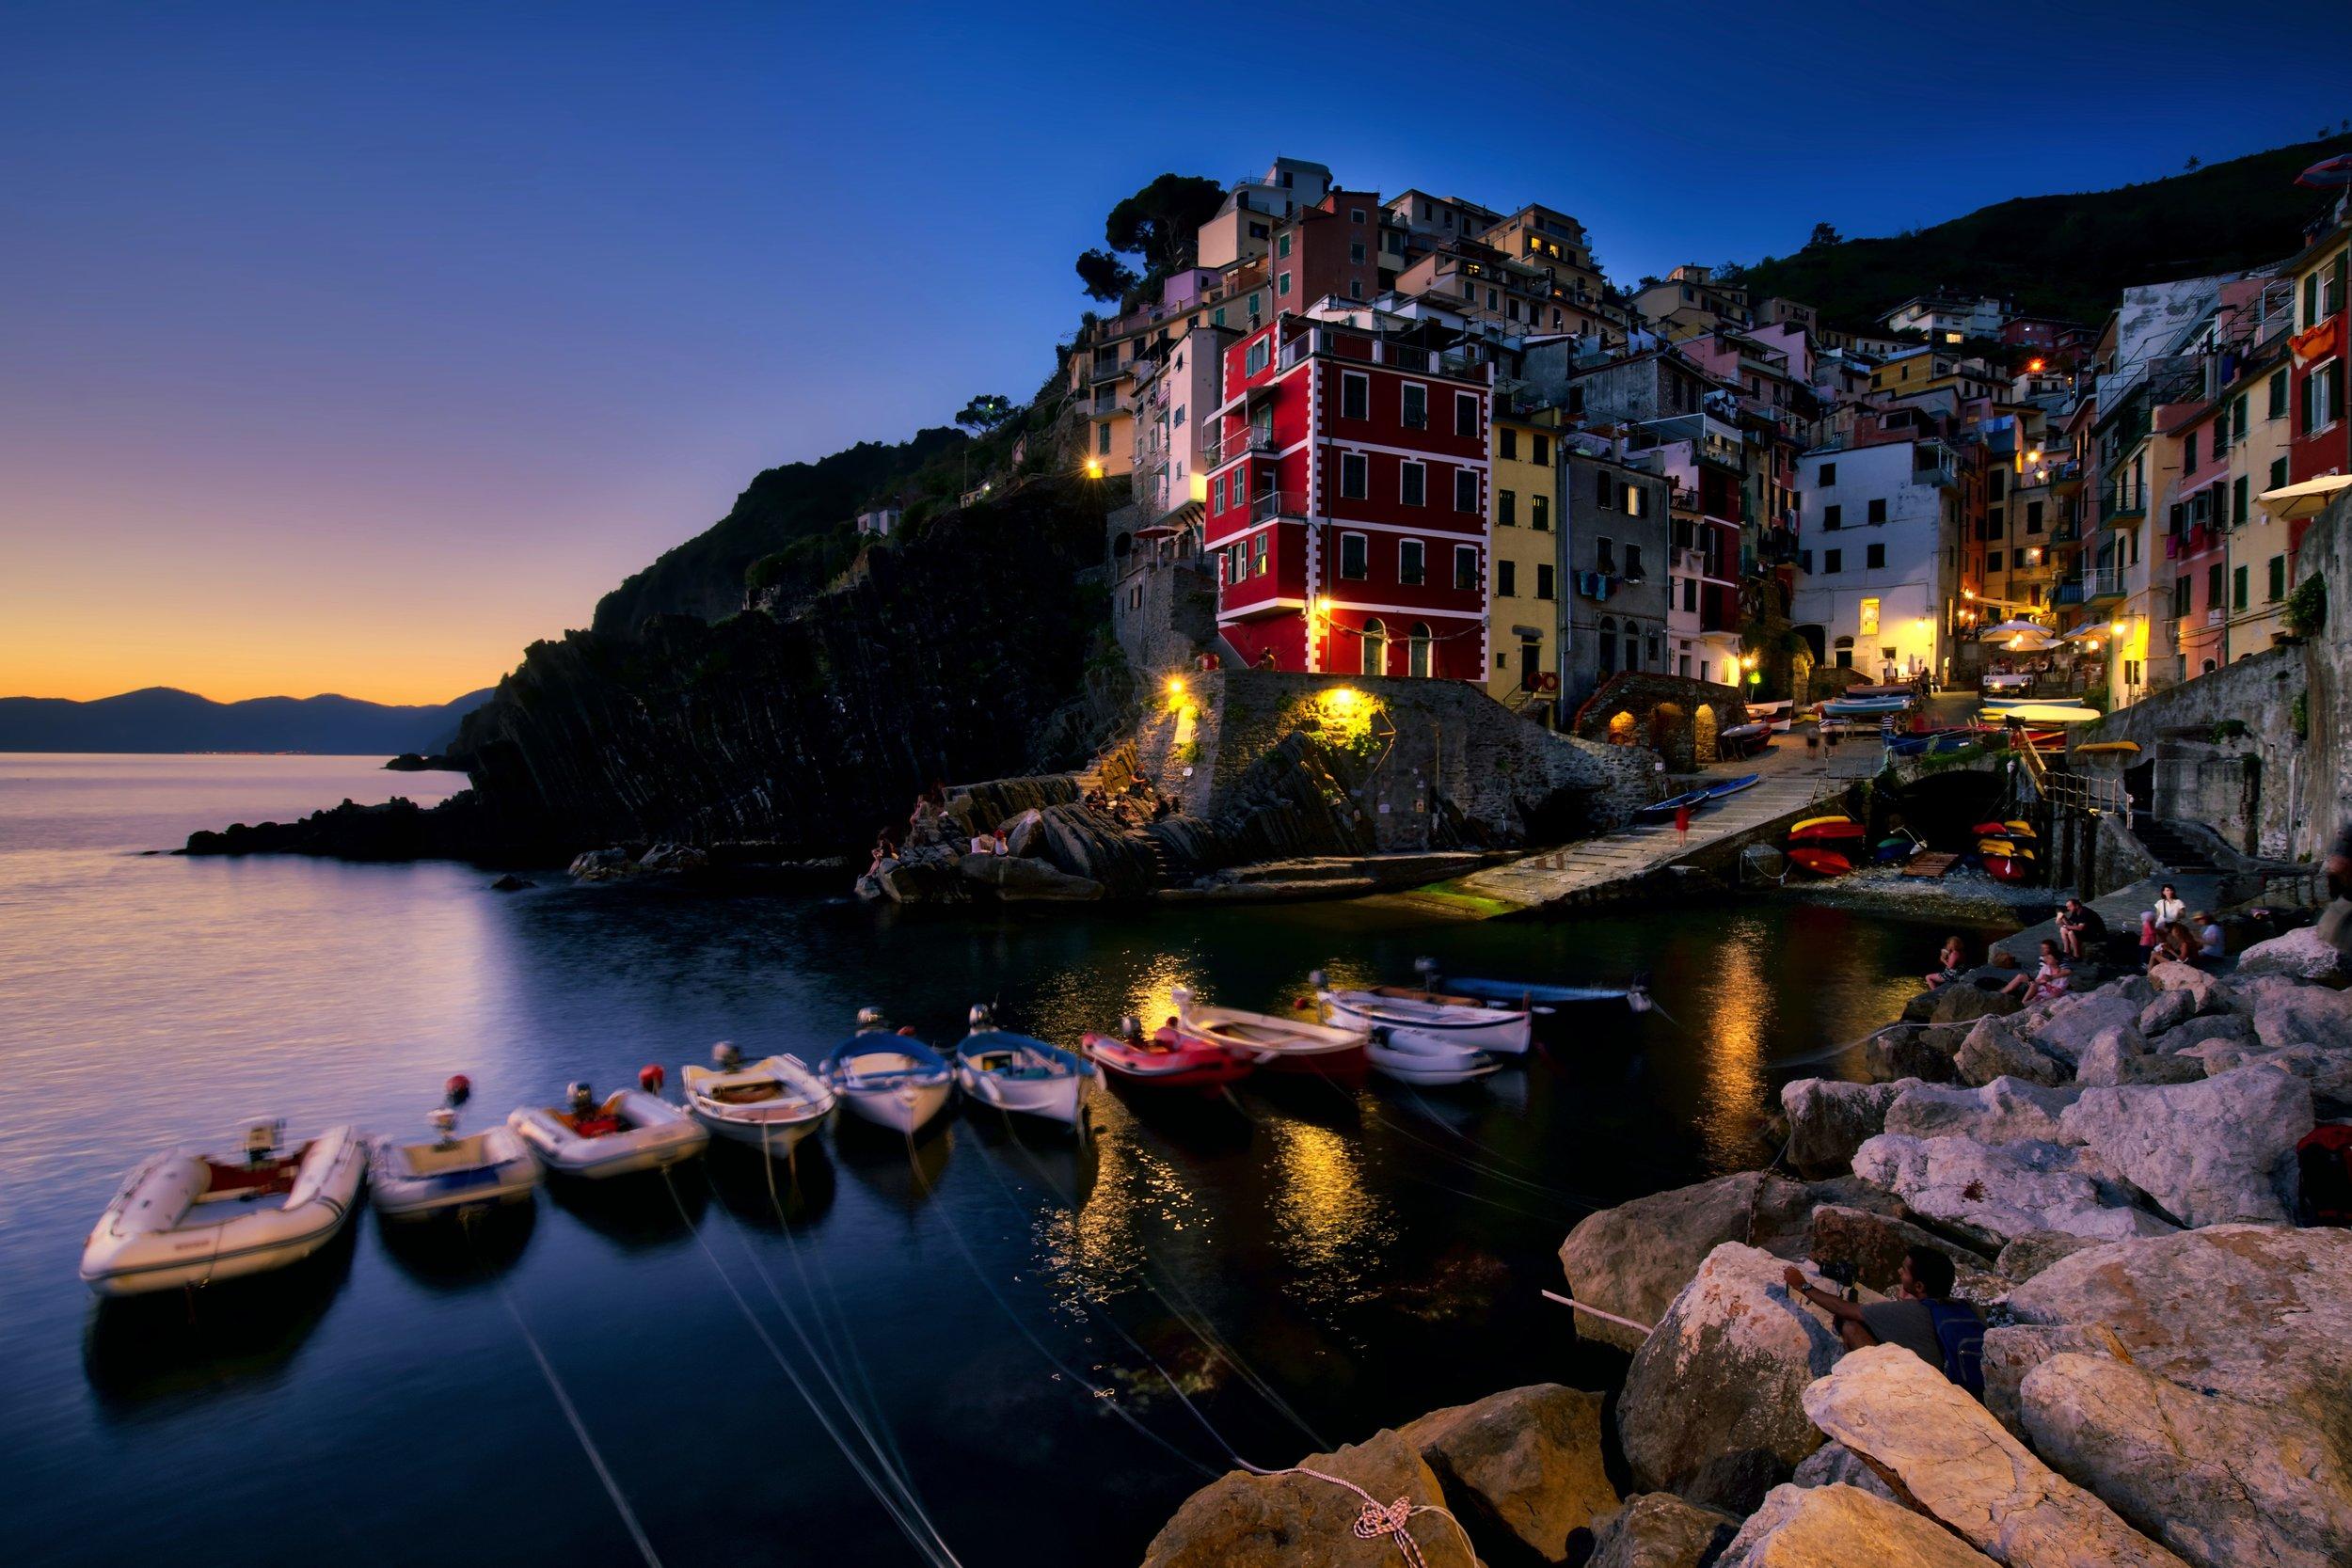 Blue hour falls on the coastal village of Riomaggiore